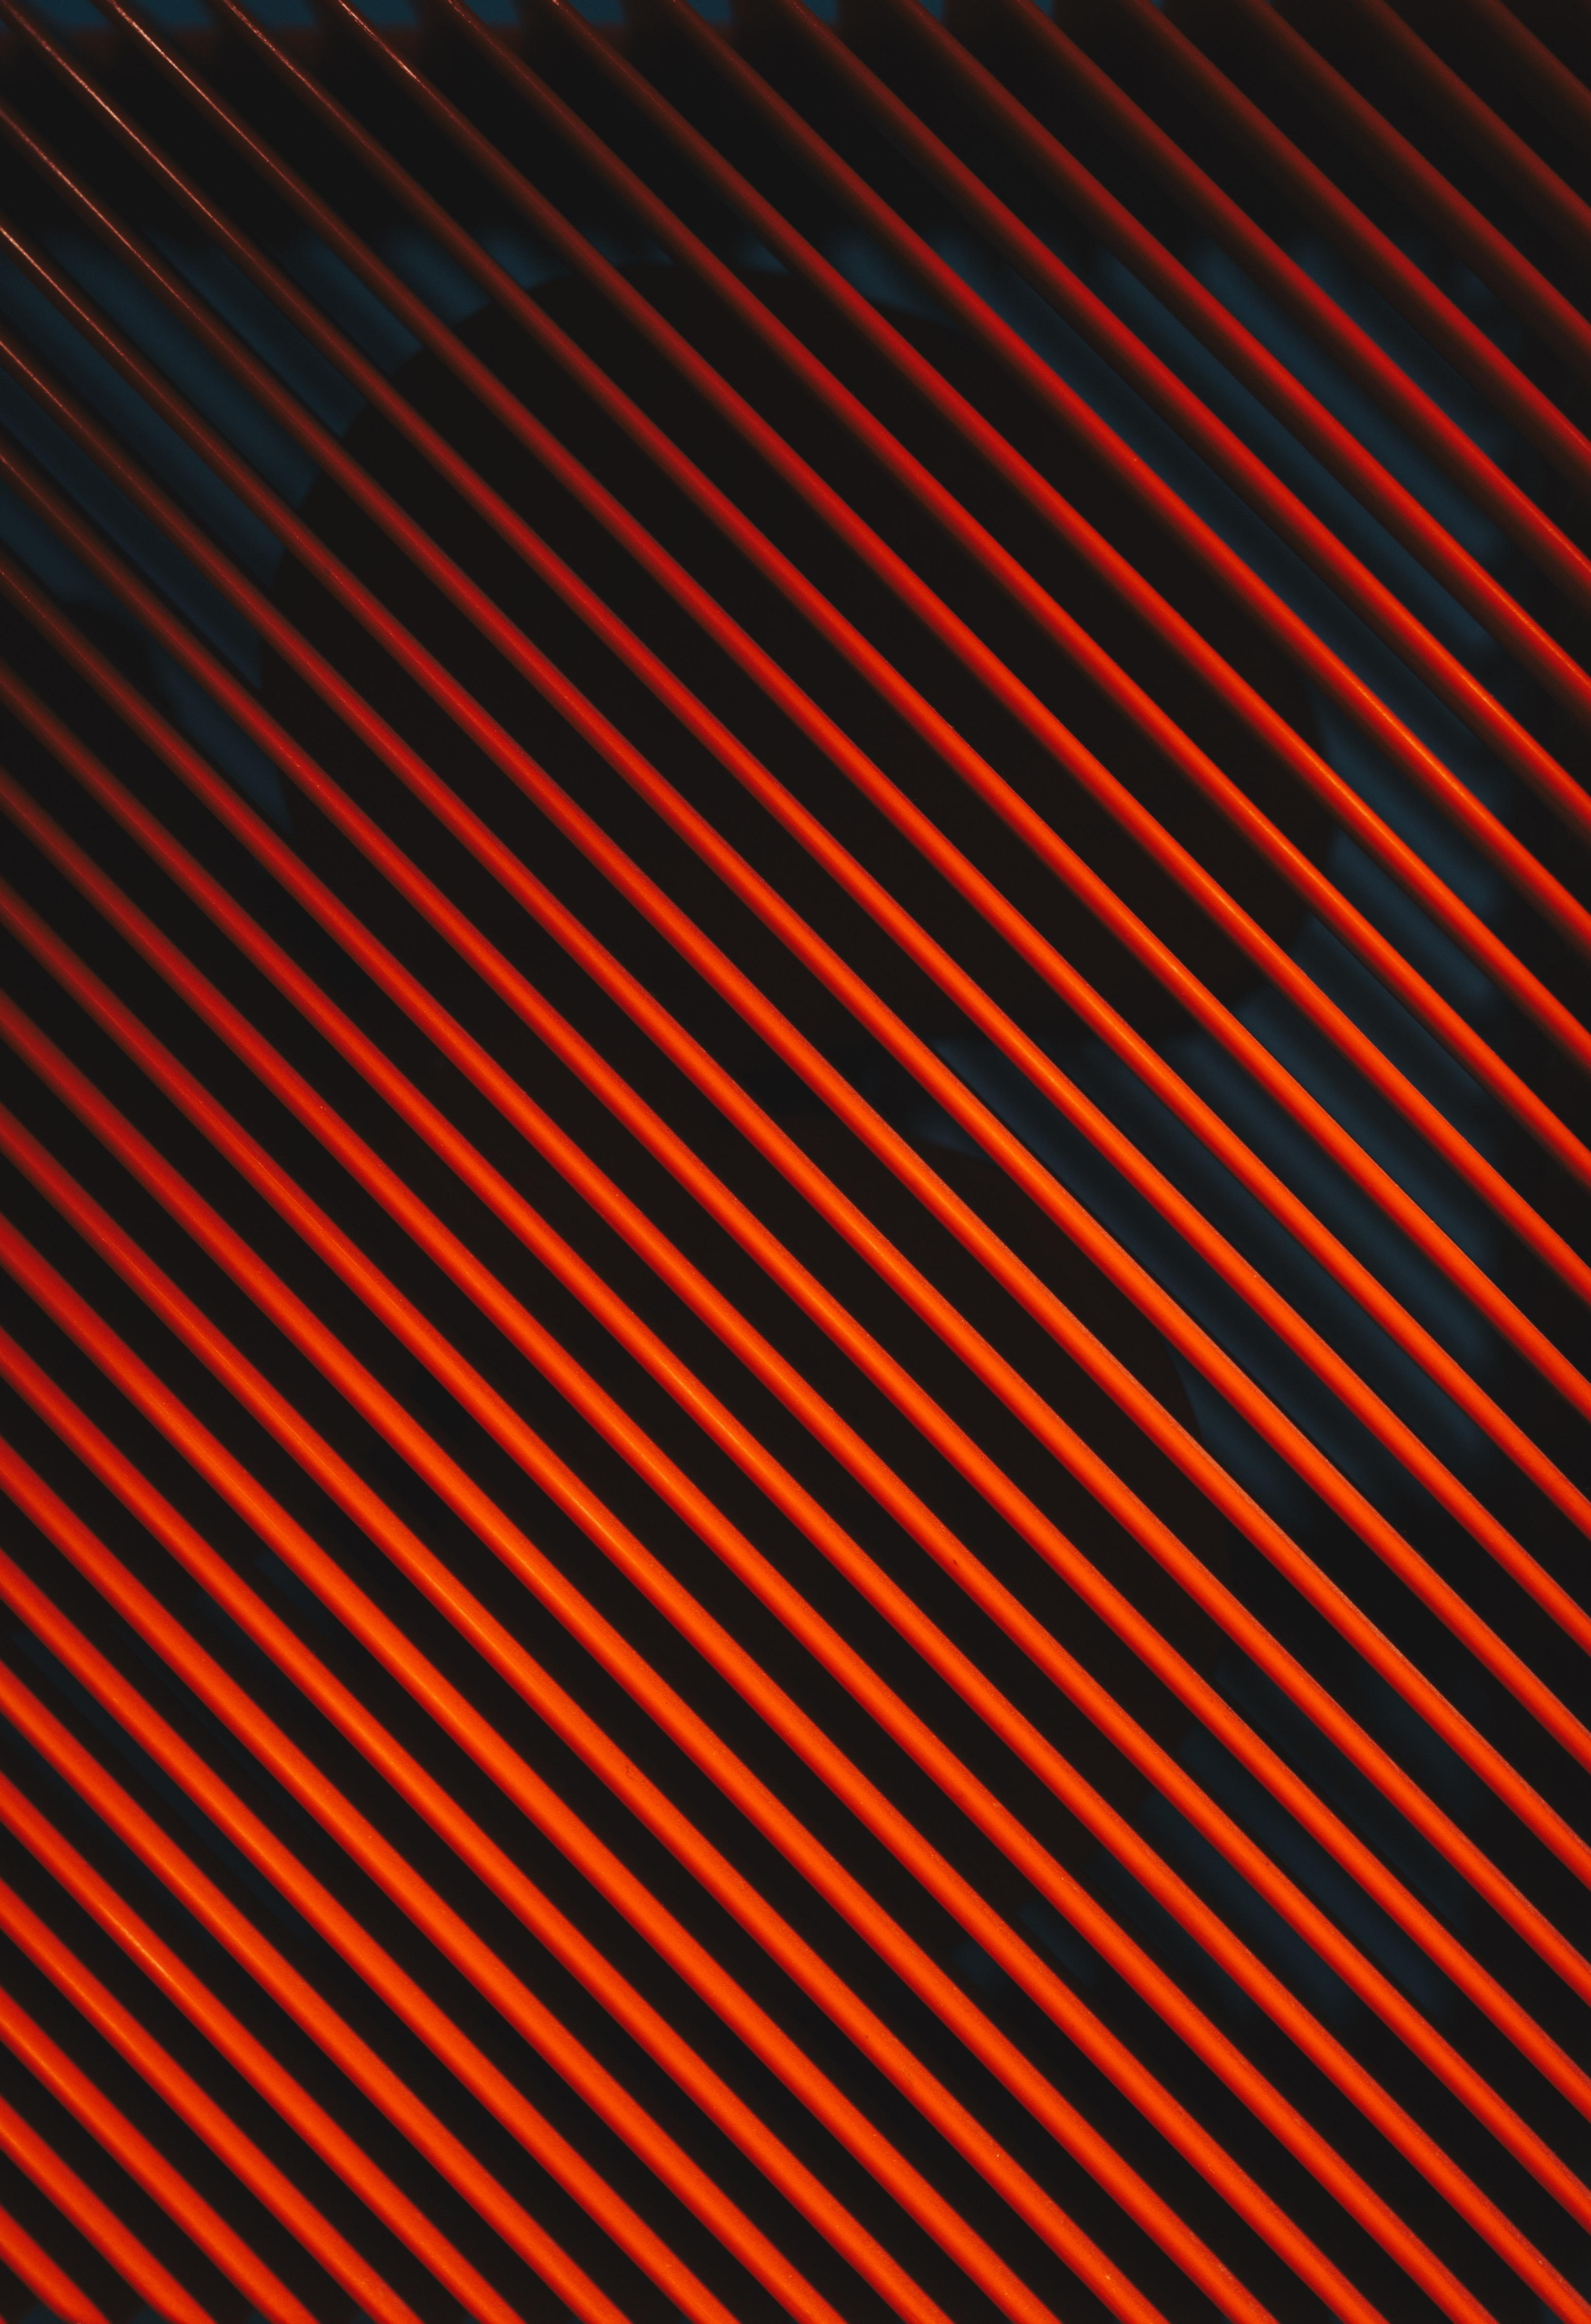 Red diagonal stripes photo